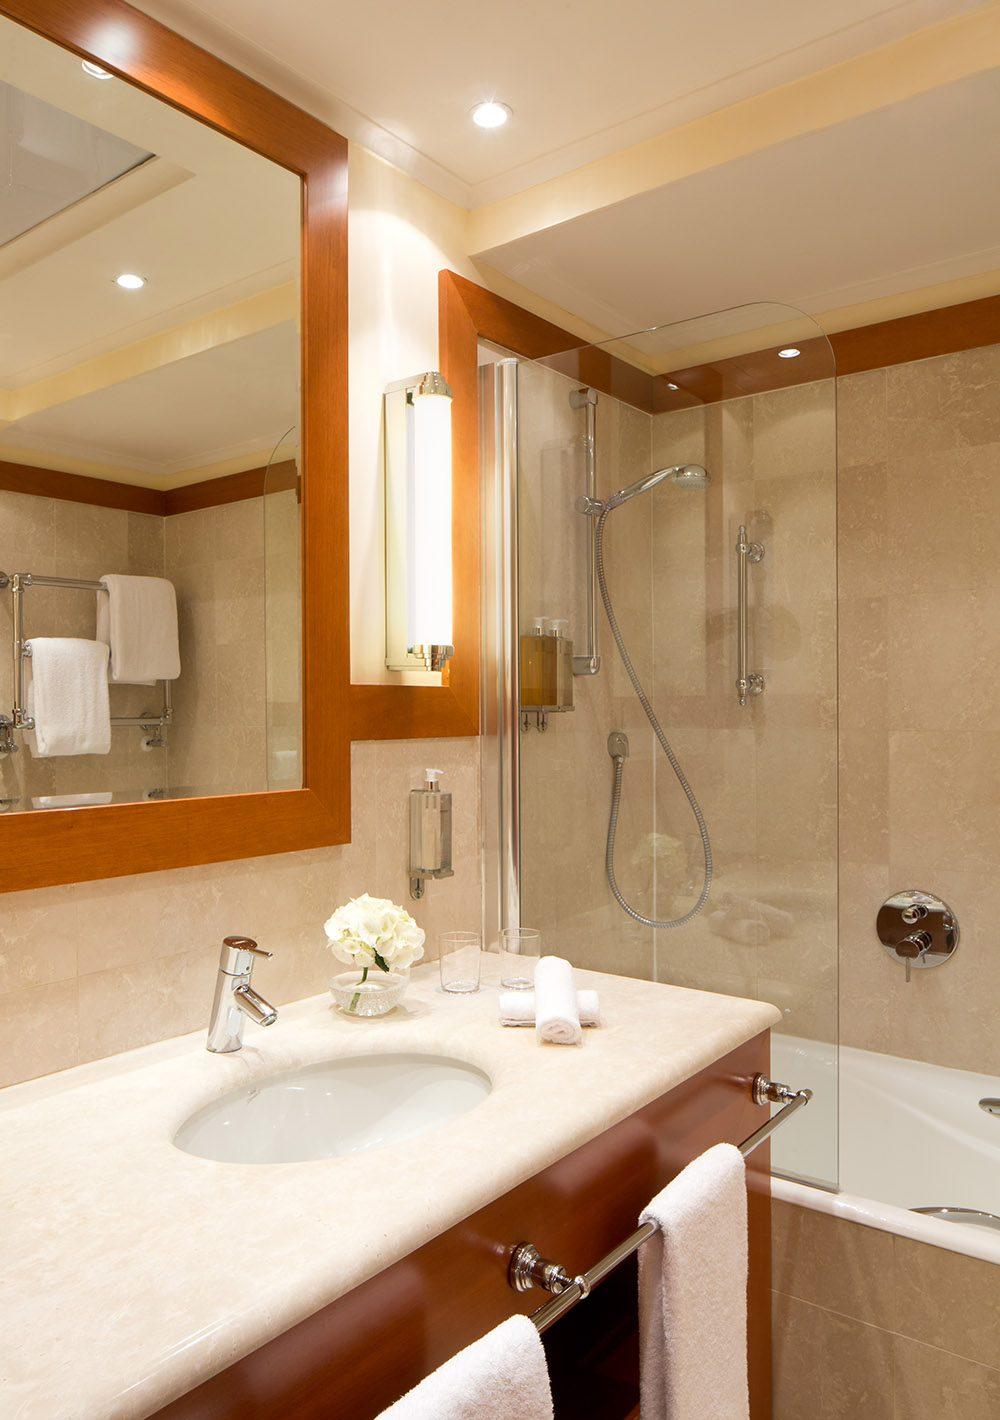 Starhotels Metropole a Roma: Dettagli bagno camera deluxe